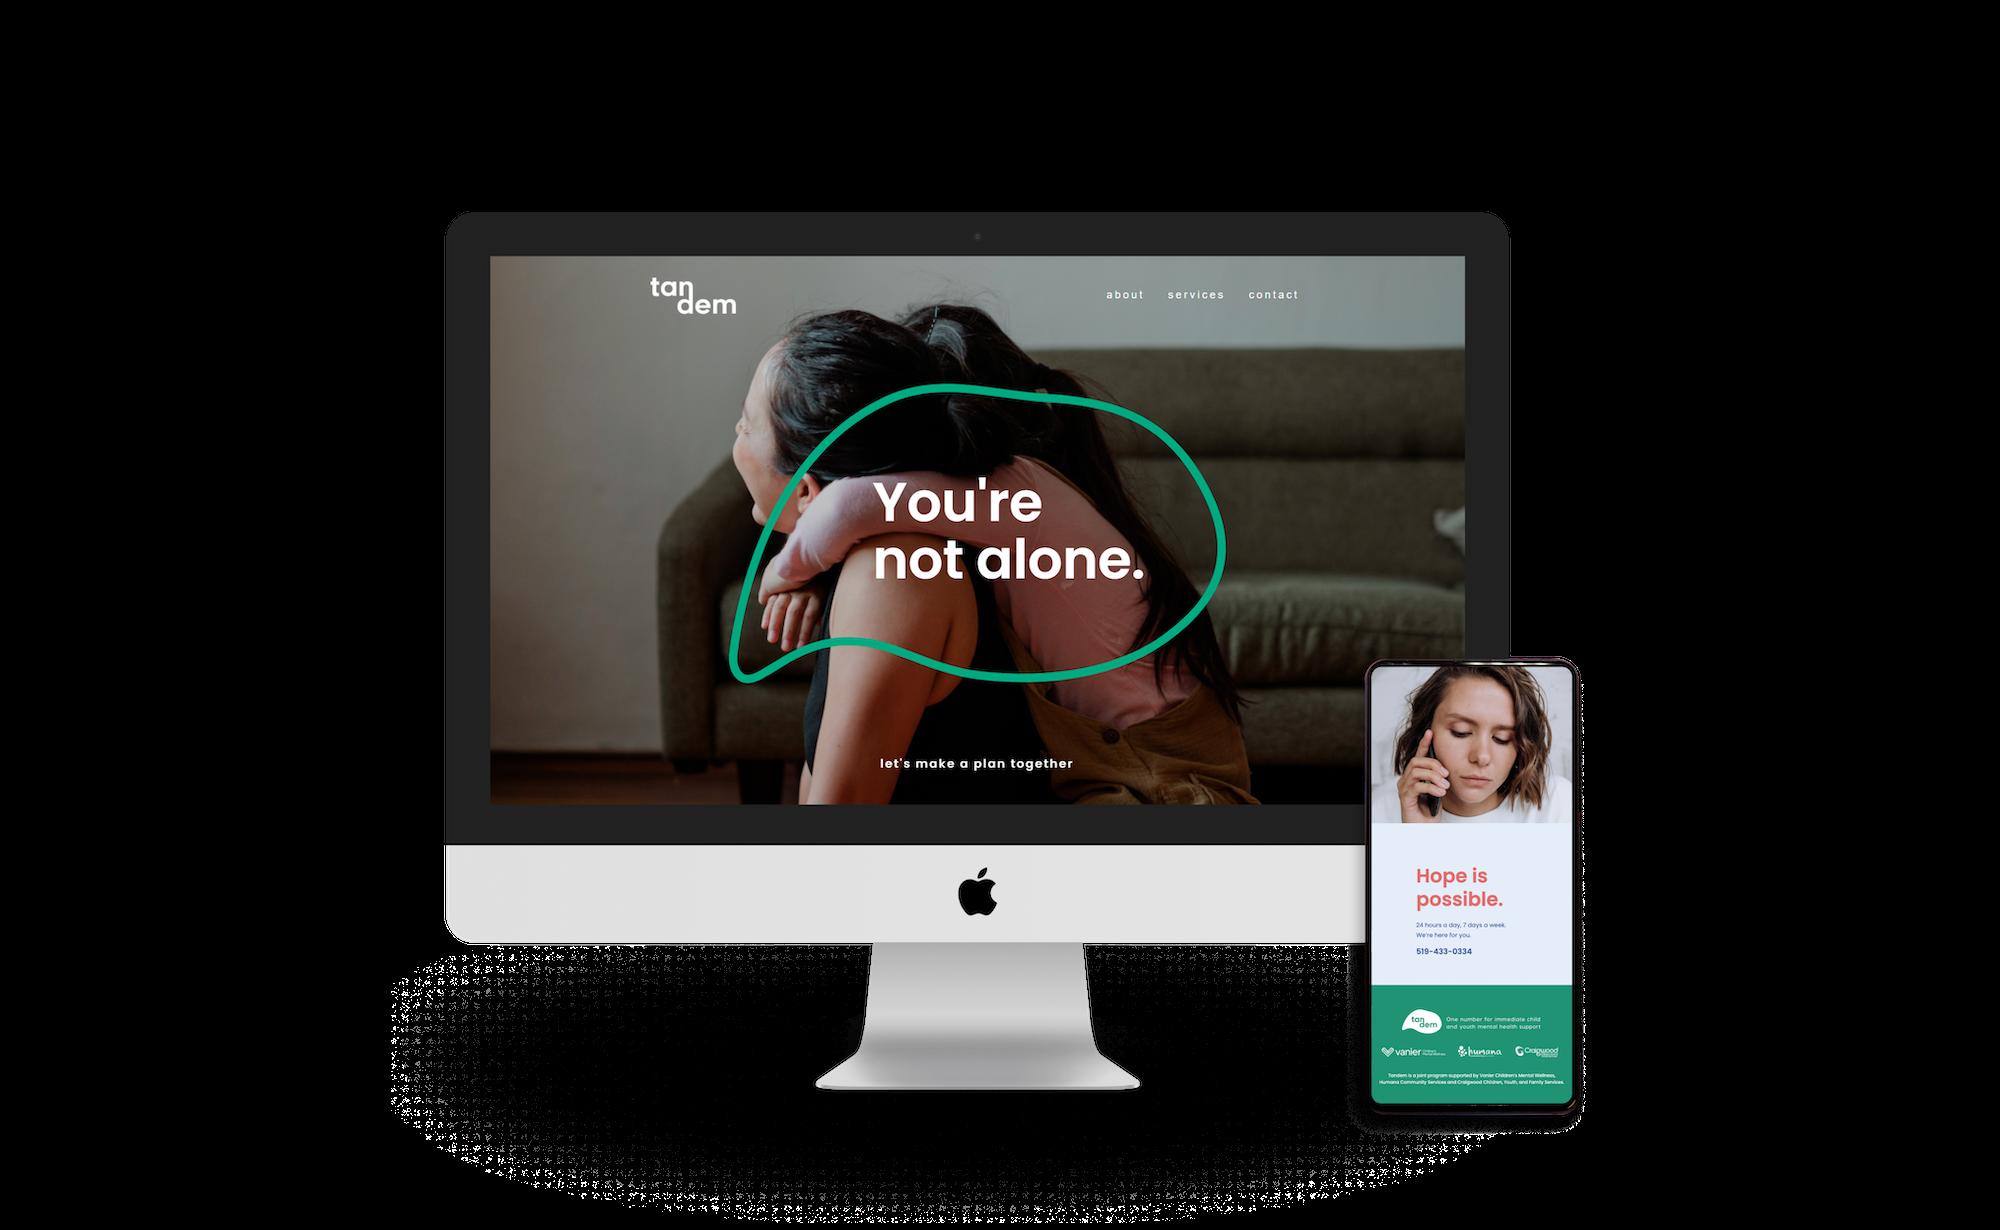 Tandem website landing page on desktop and mobile